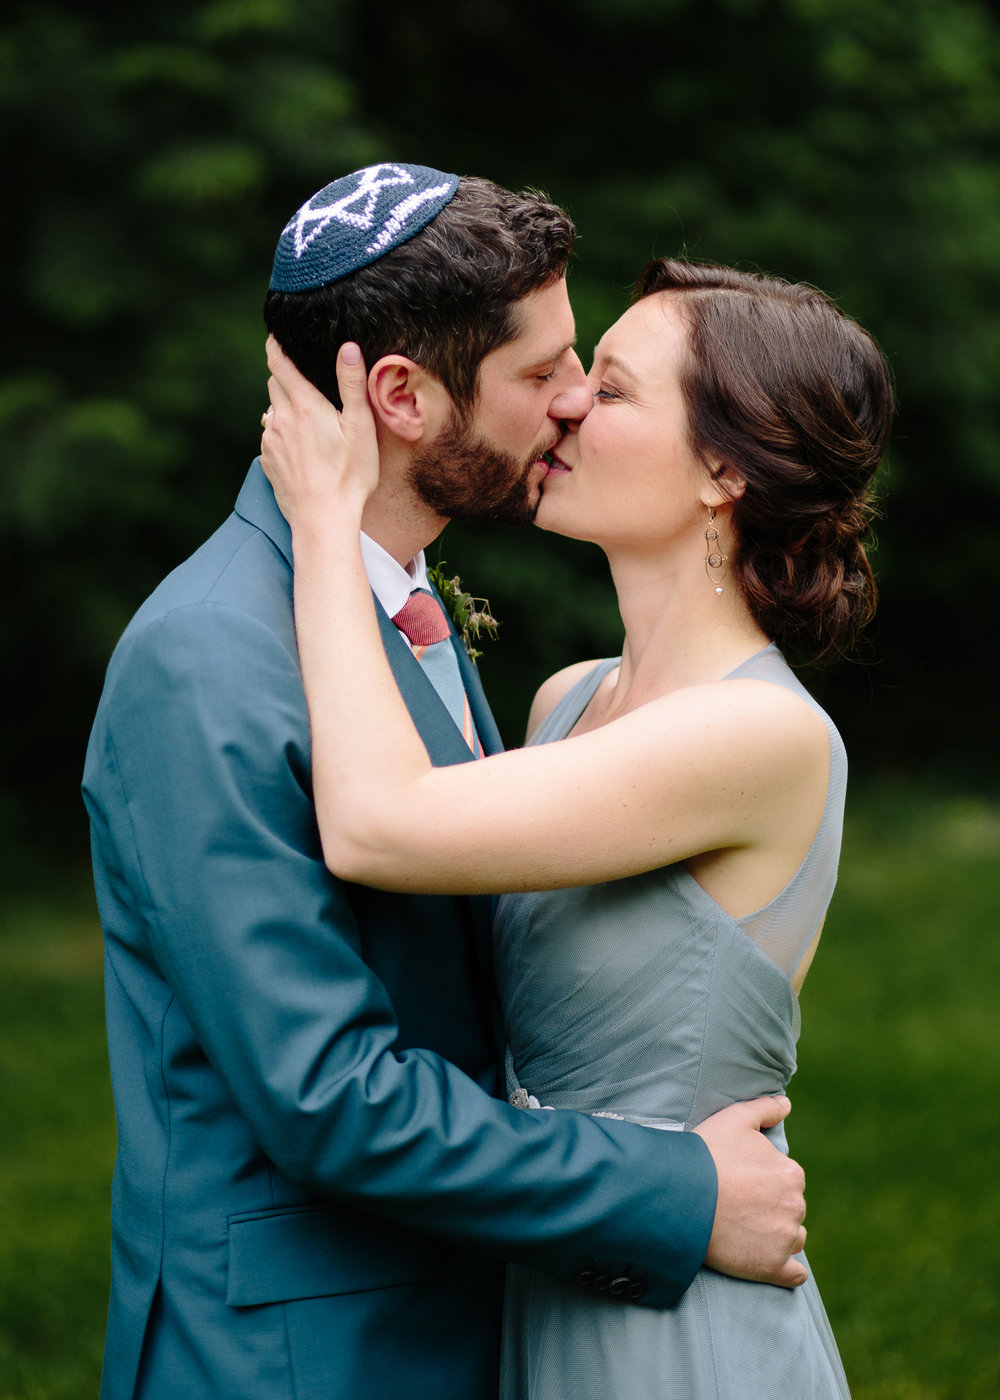 cameron_zegers_photographer_wedding_seattle_washington-2981.jpg